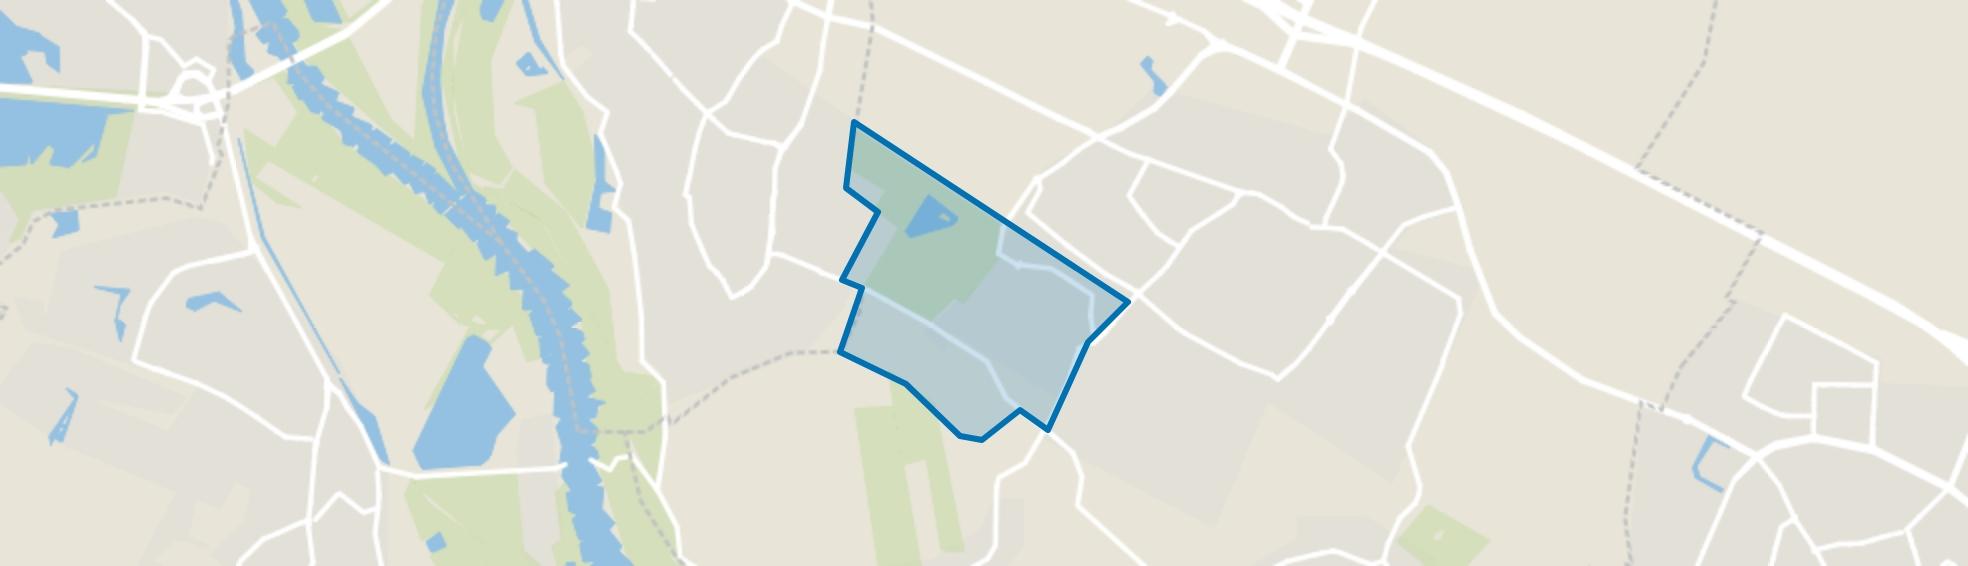 Zuidwest, Duiven map